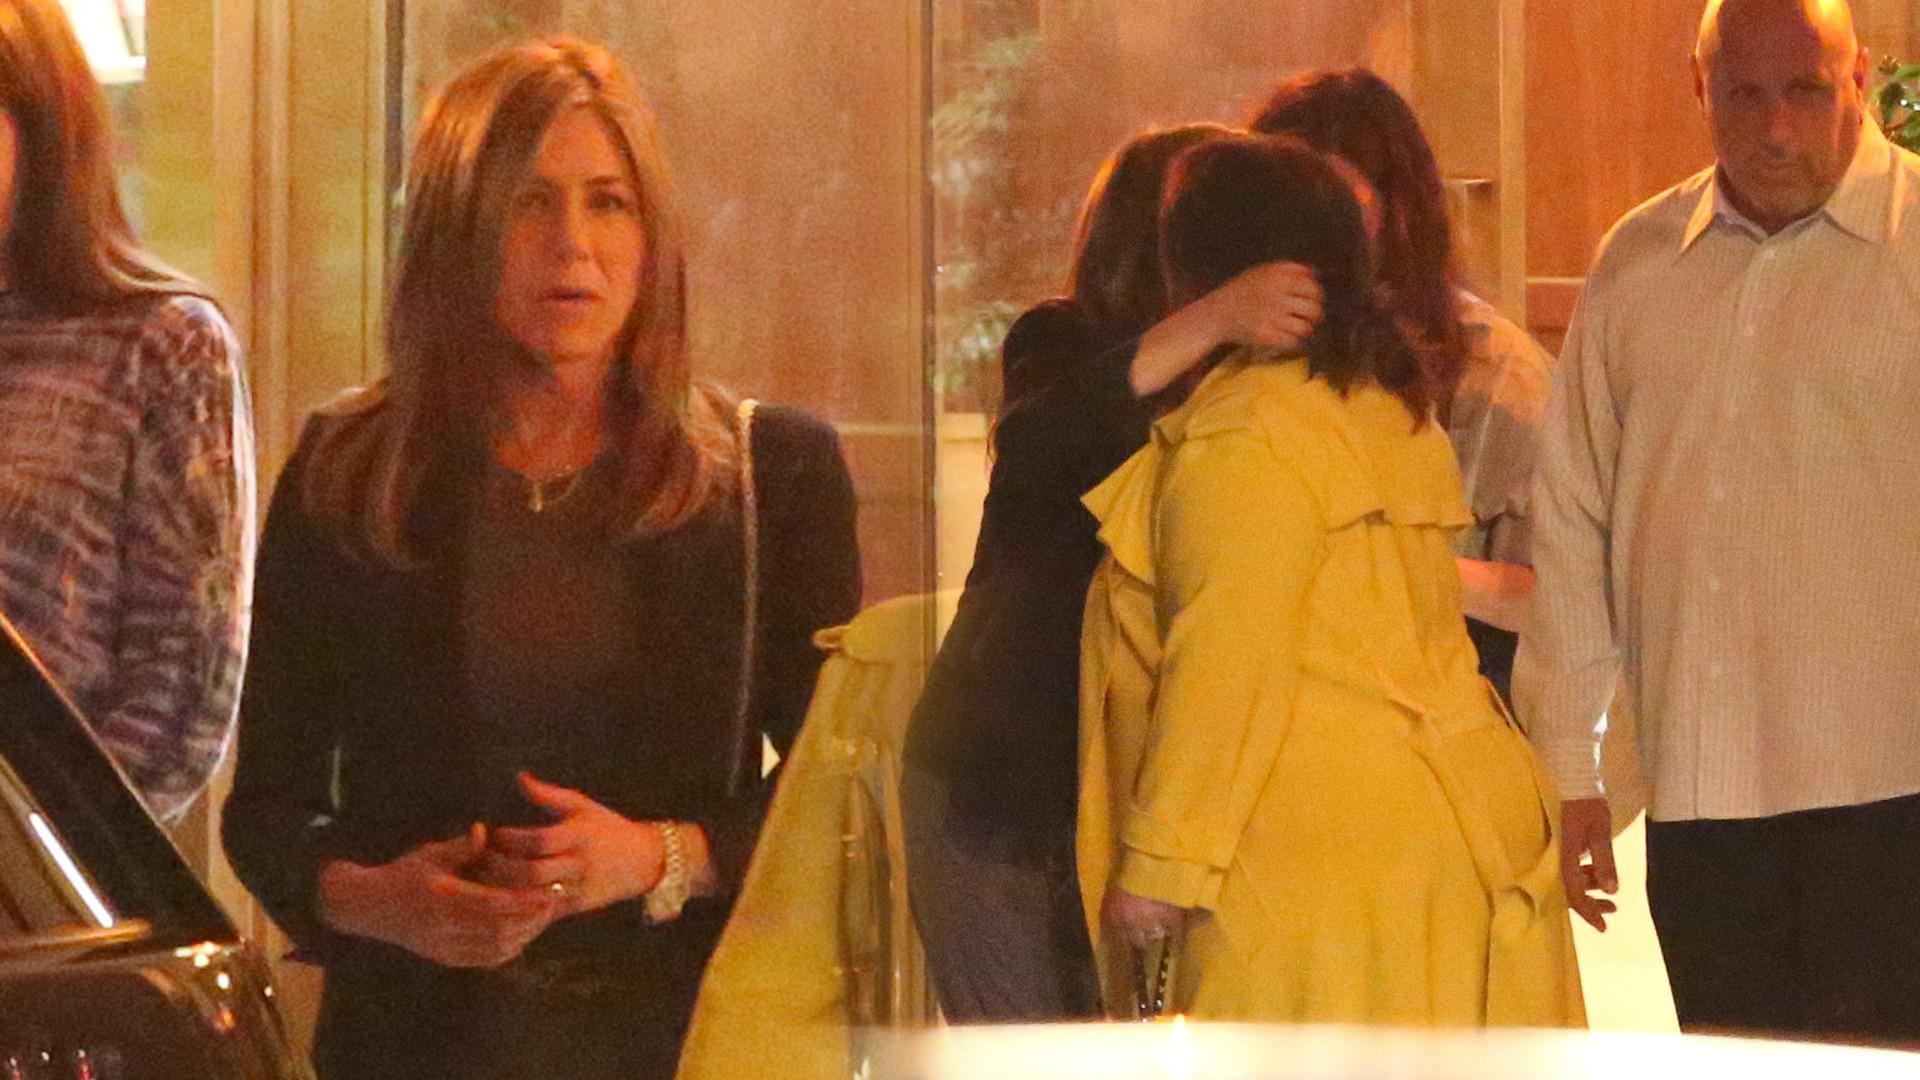 Tak Jennifer Aniston imprezuje z przyjaciółkami. W tym samym miejscu był Brad Pitt (ZDJĘCIA)